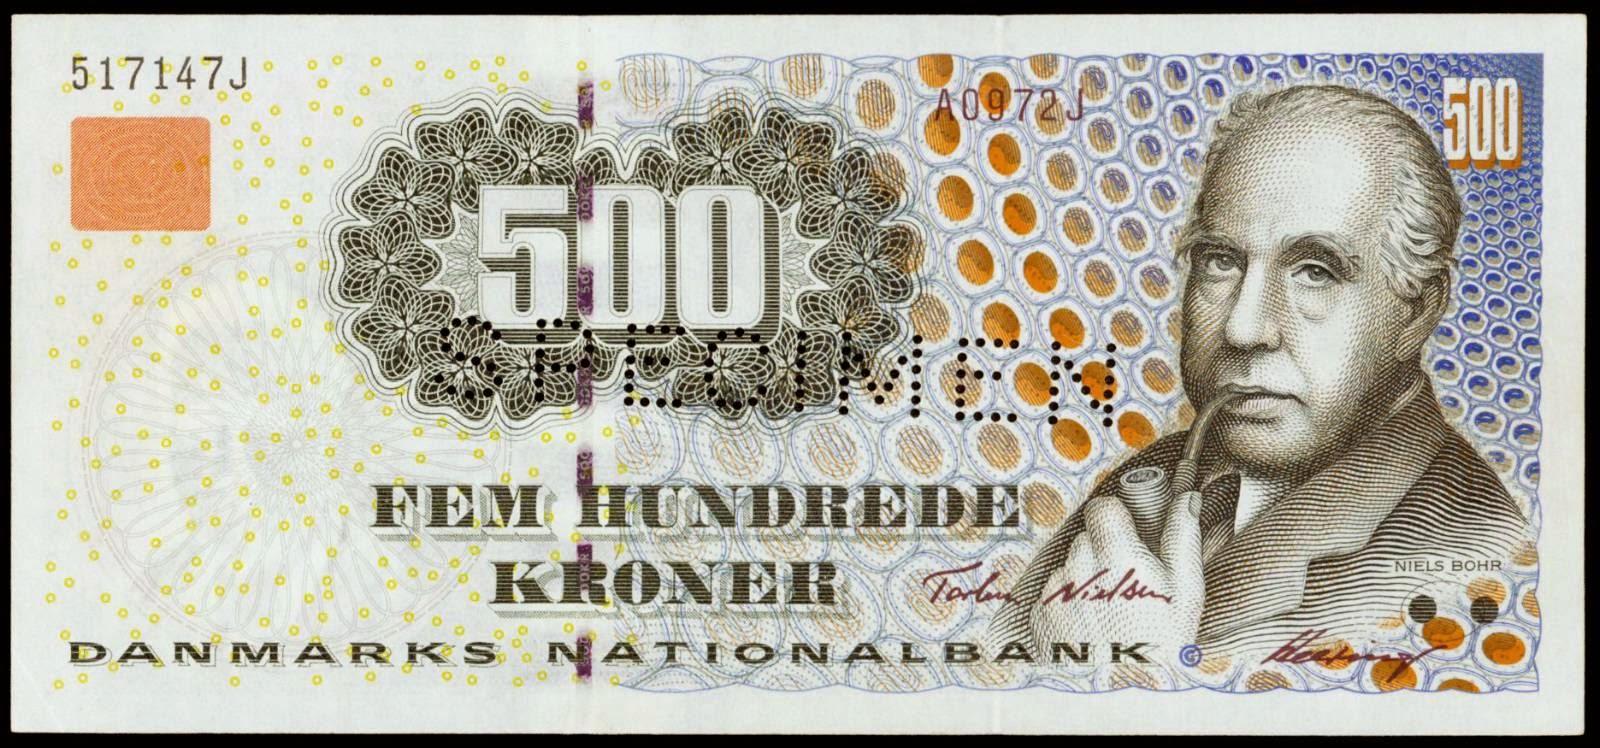 Danmark banknotes 500 Kroner 1997 Niels Bohr